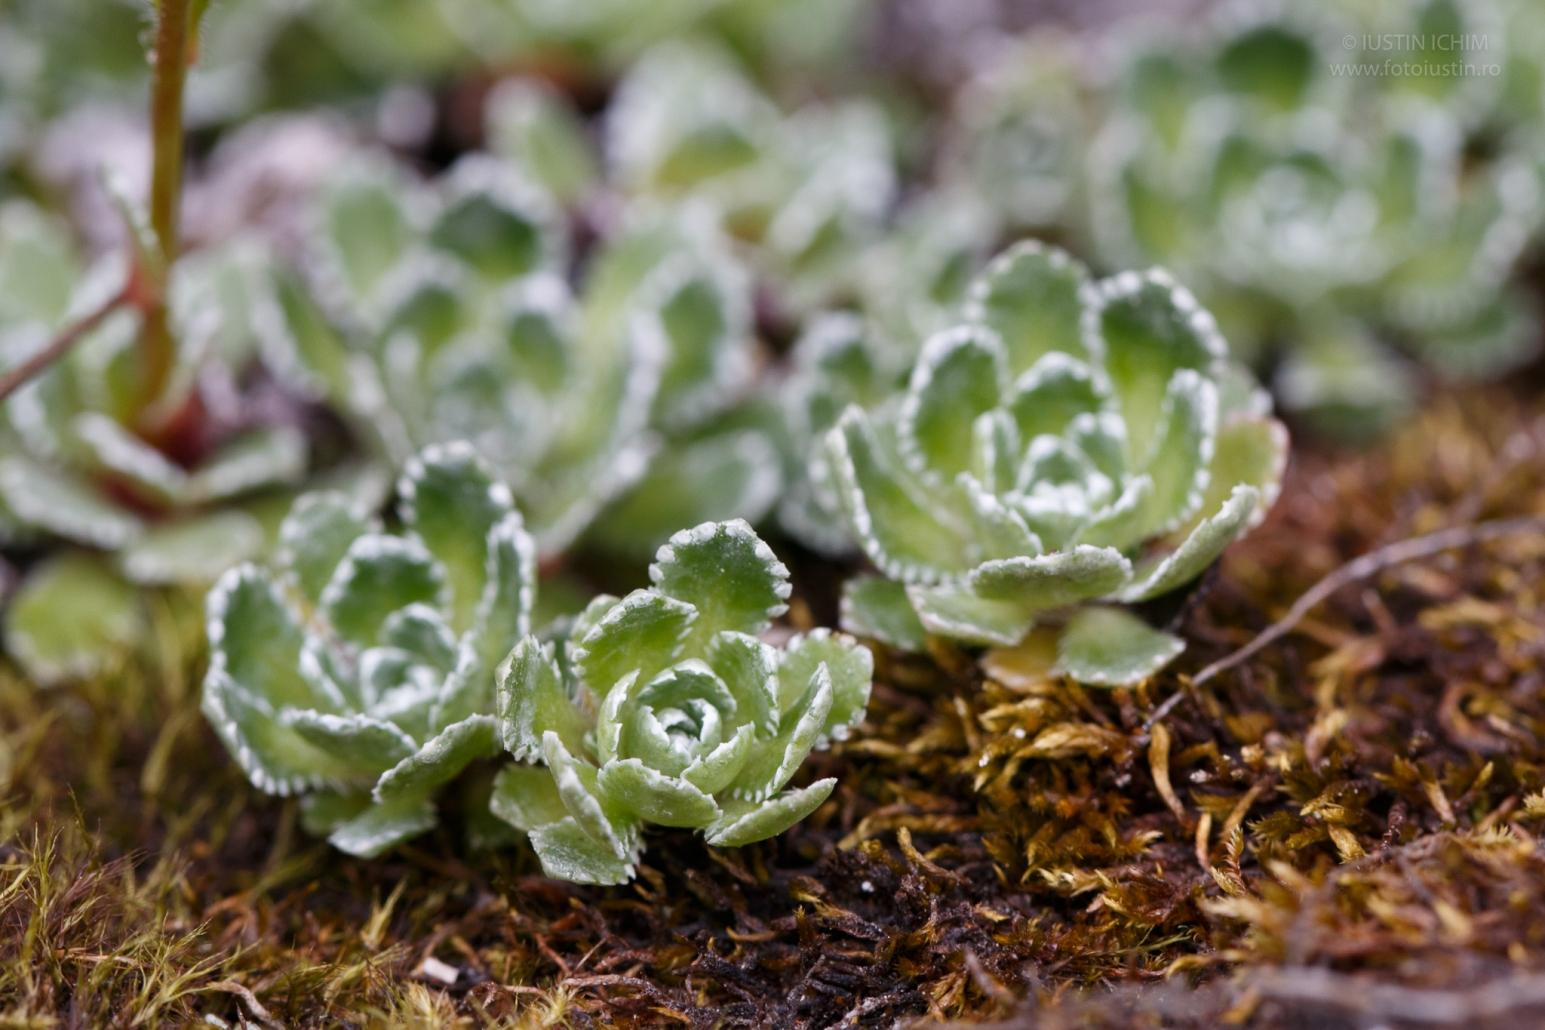 Saxifraga paniculata, Iarba surzilor, fam. Saxifragaceae